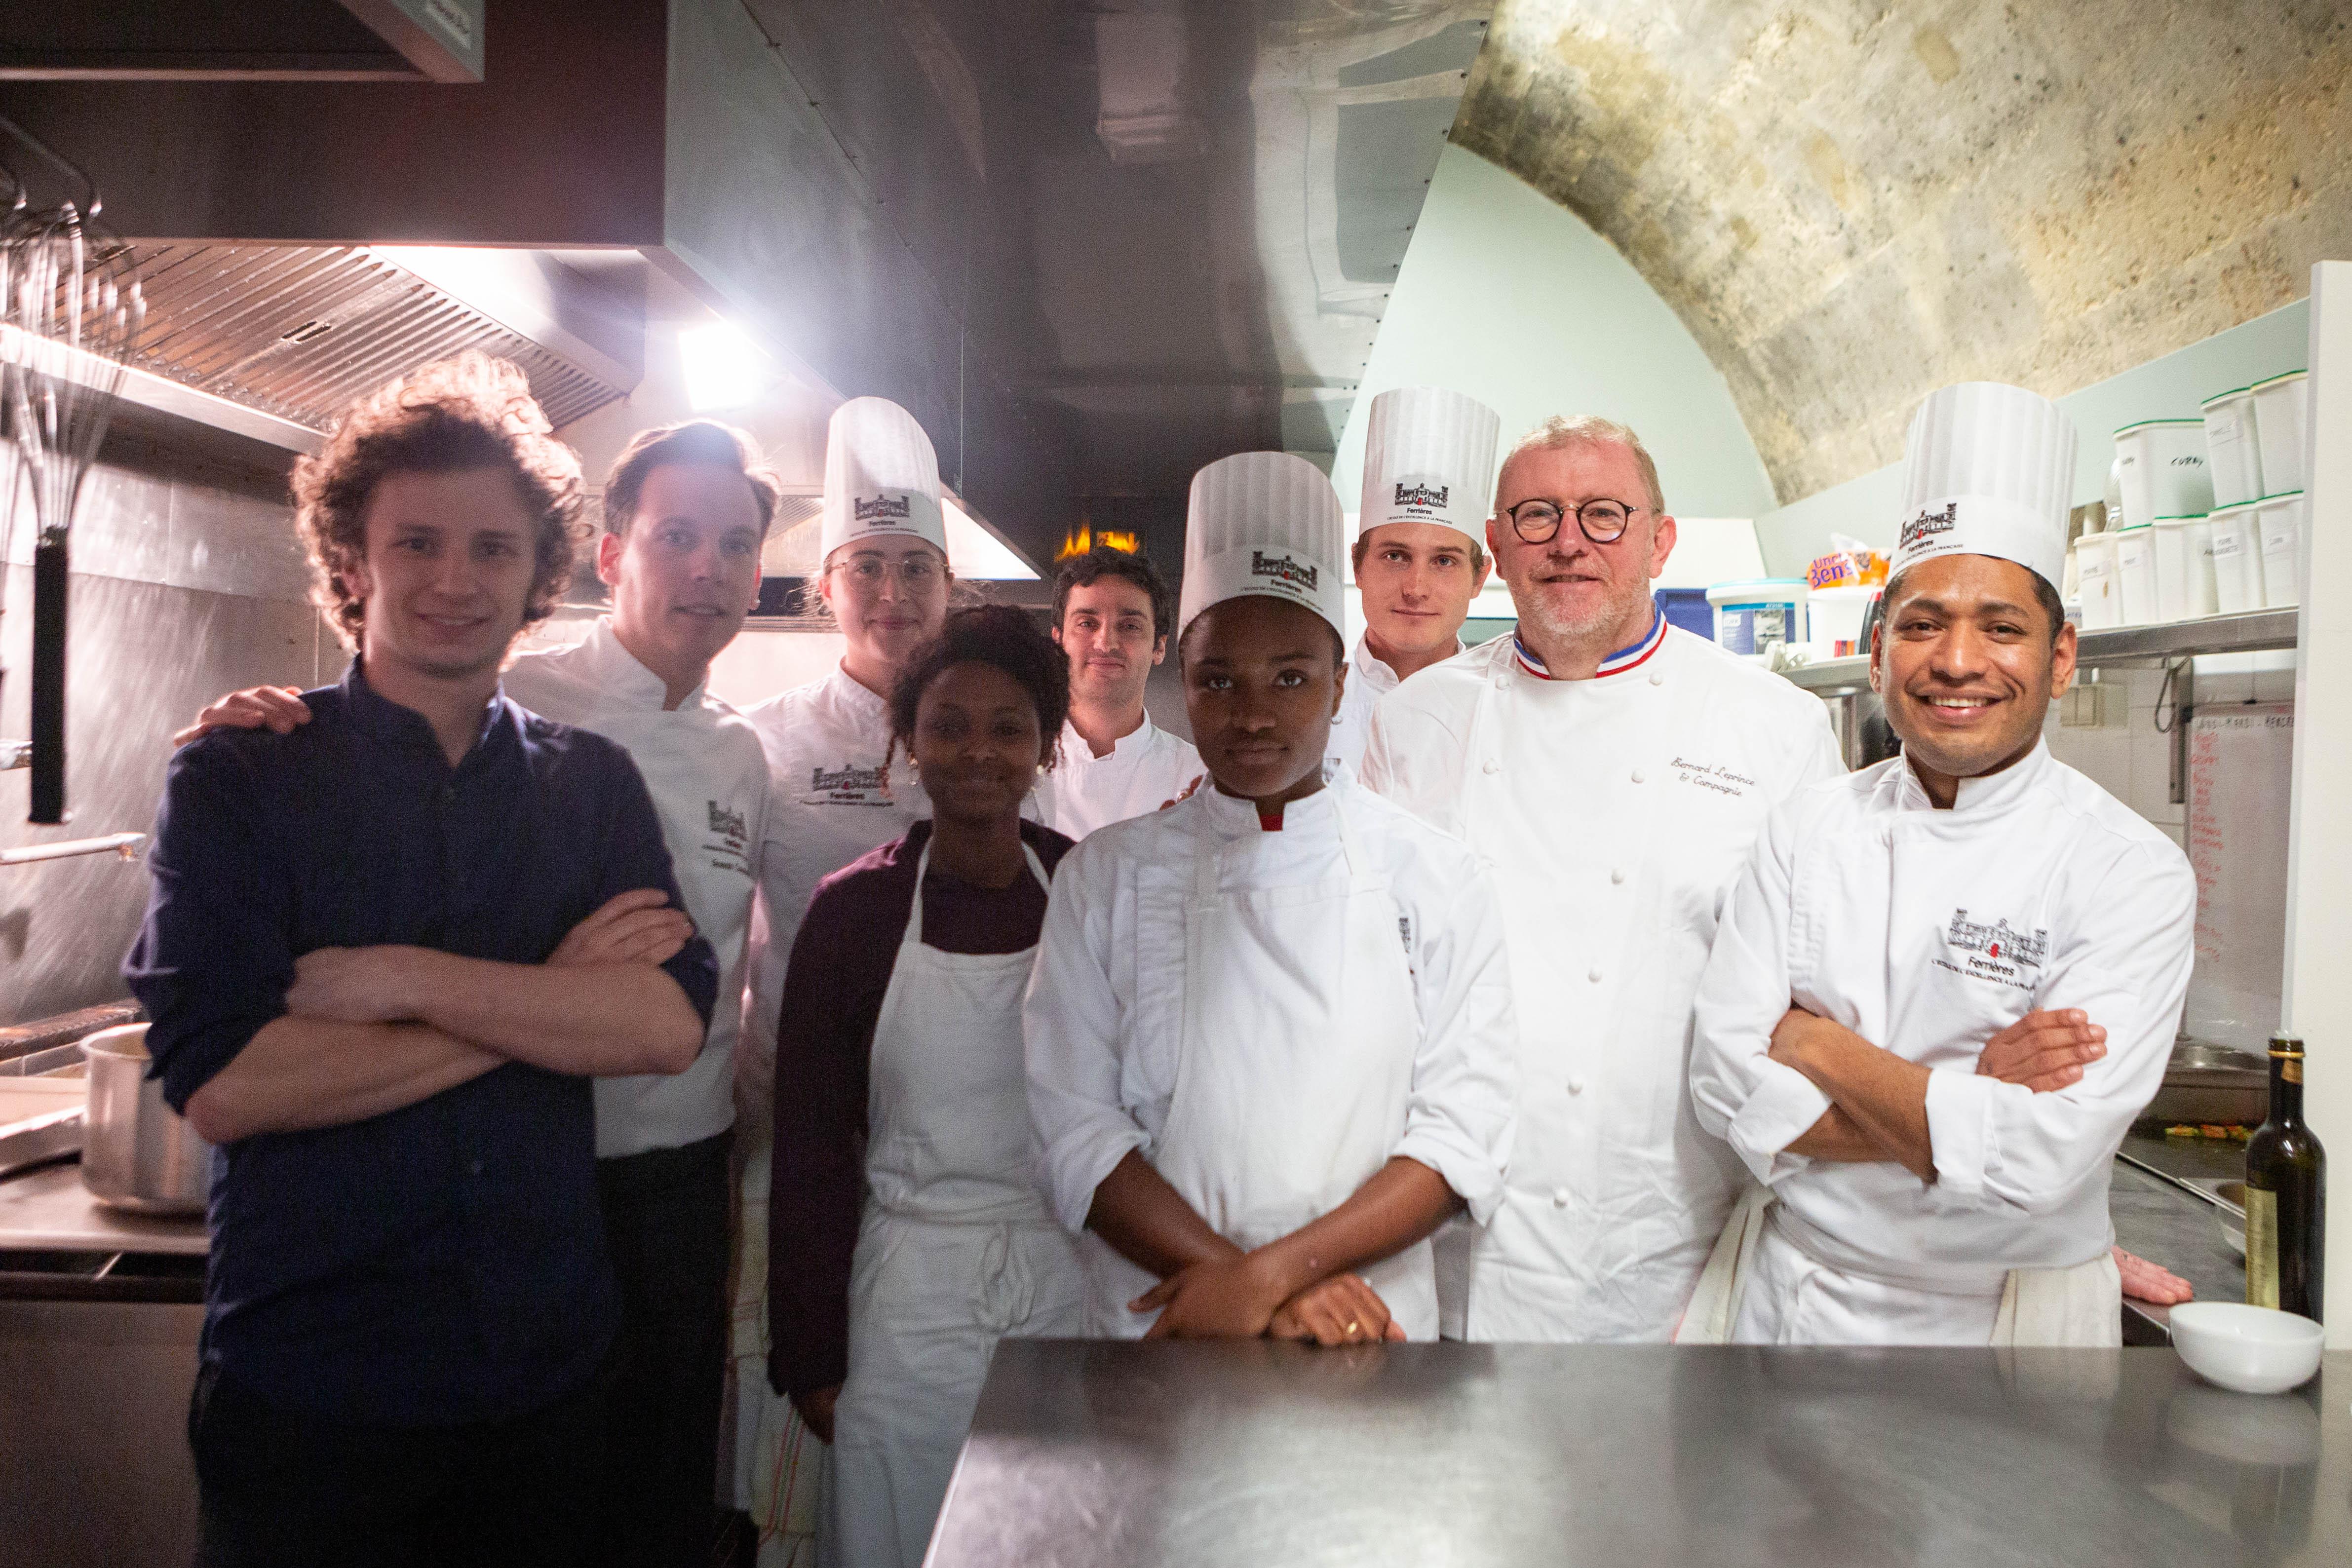 les étudiants des ateliers ferrières au Refettorio avec le Chef LePrince